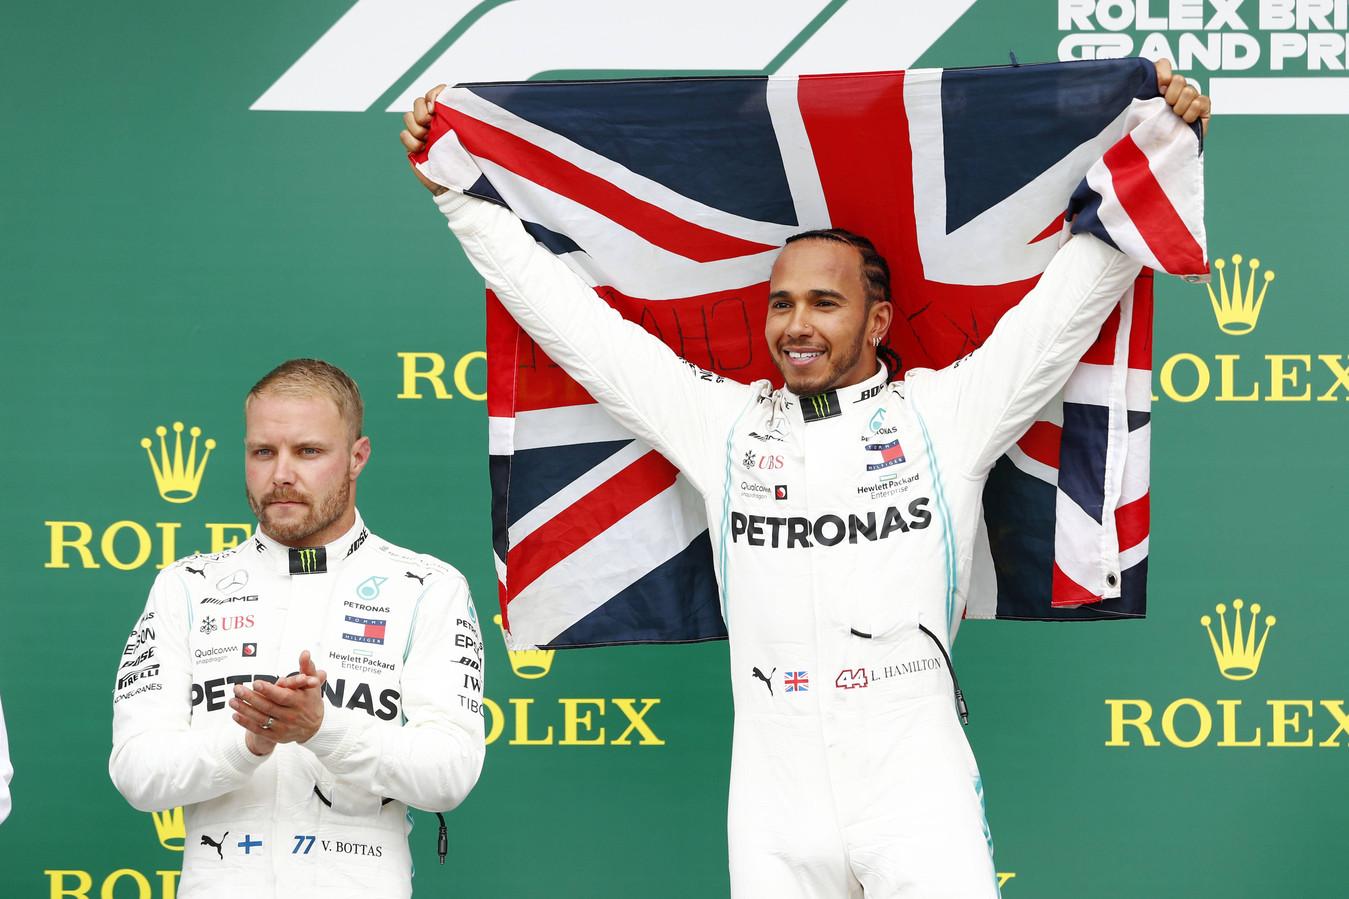 Mercedes was de grote winnaar met Lewis Hamilton en Valtteri Bottas op de plaatsen één en twee.